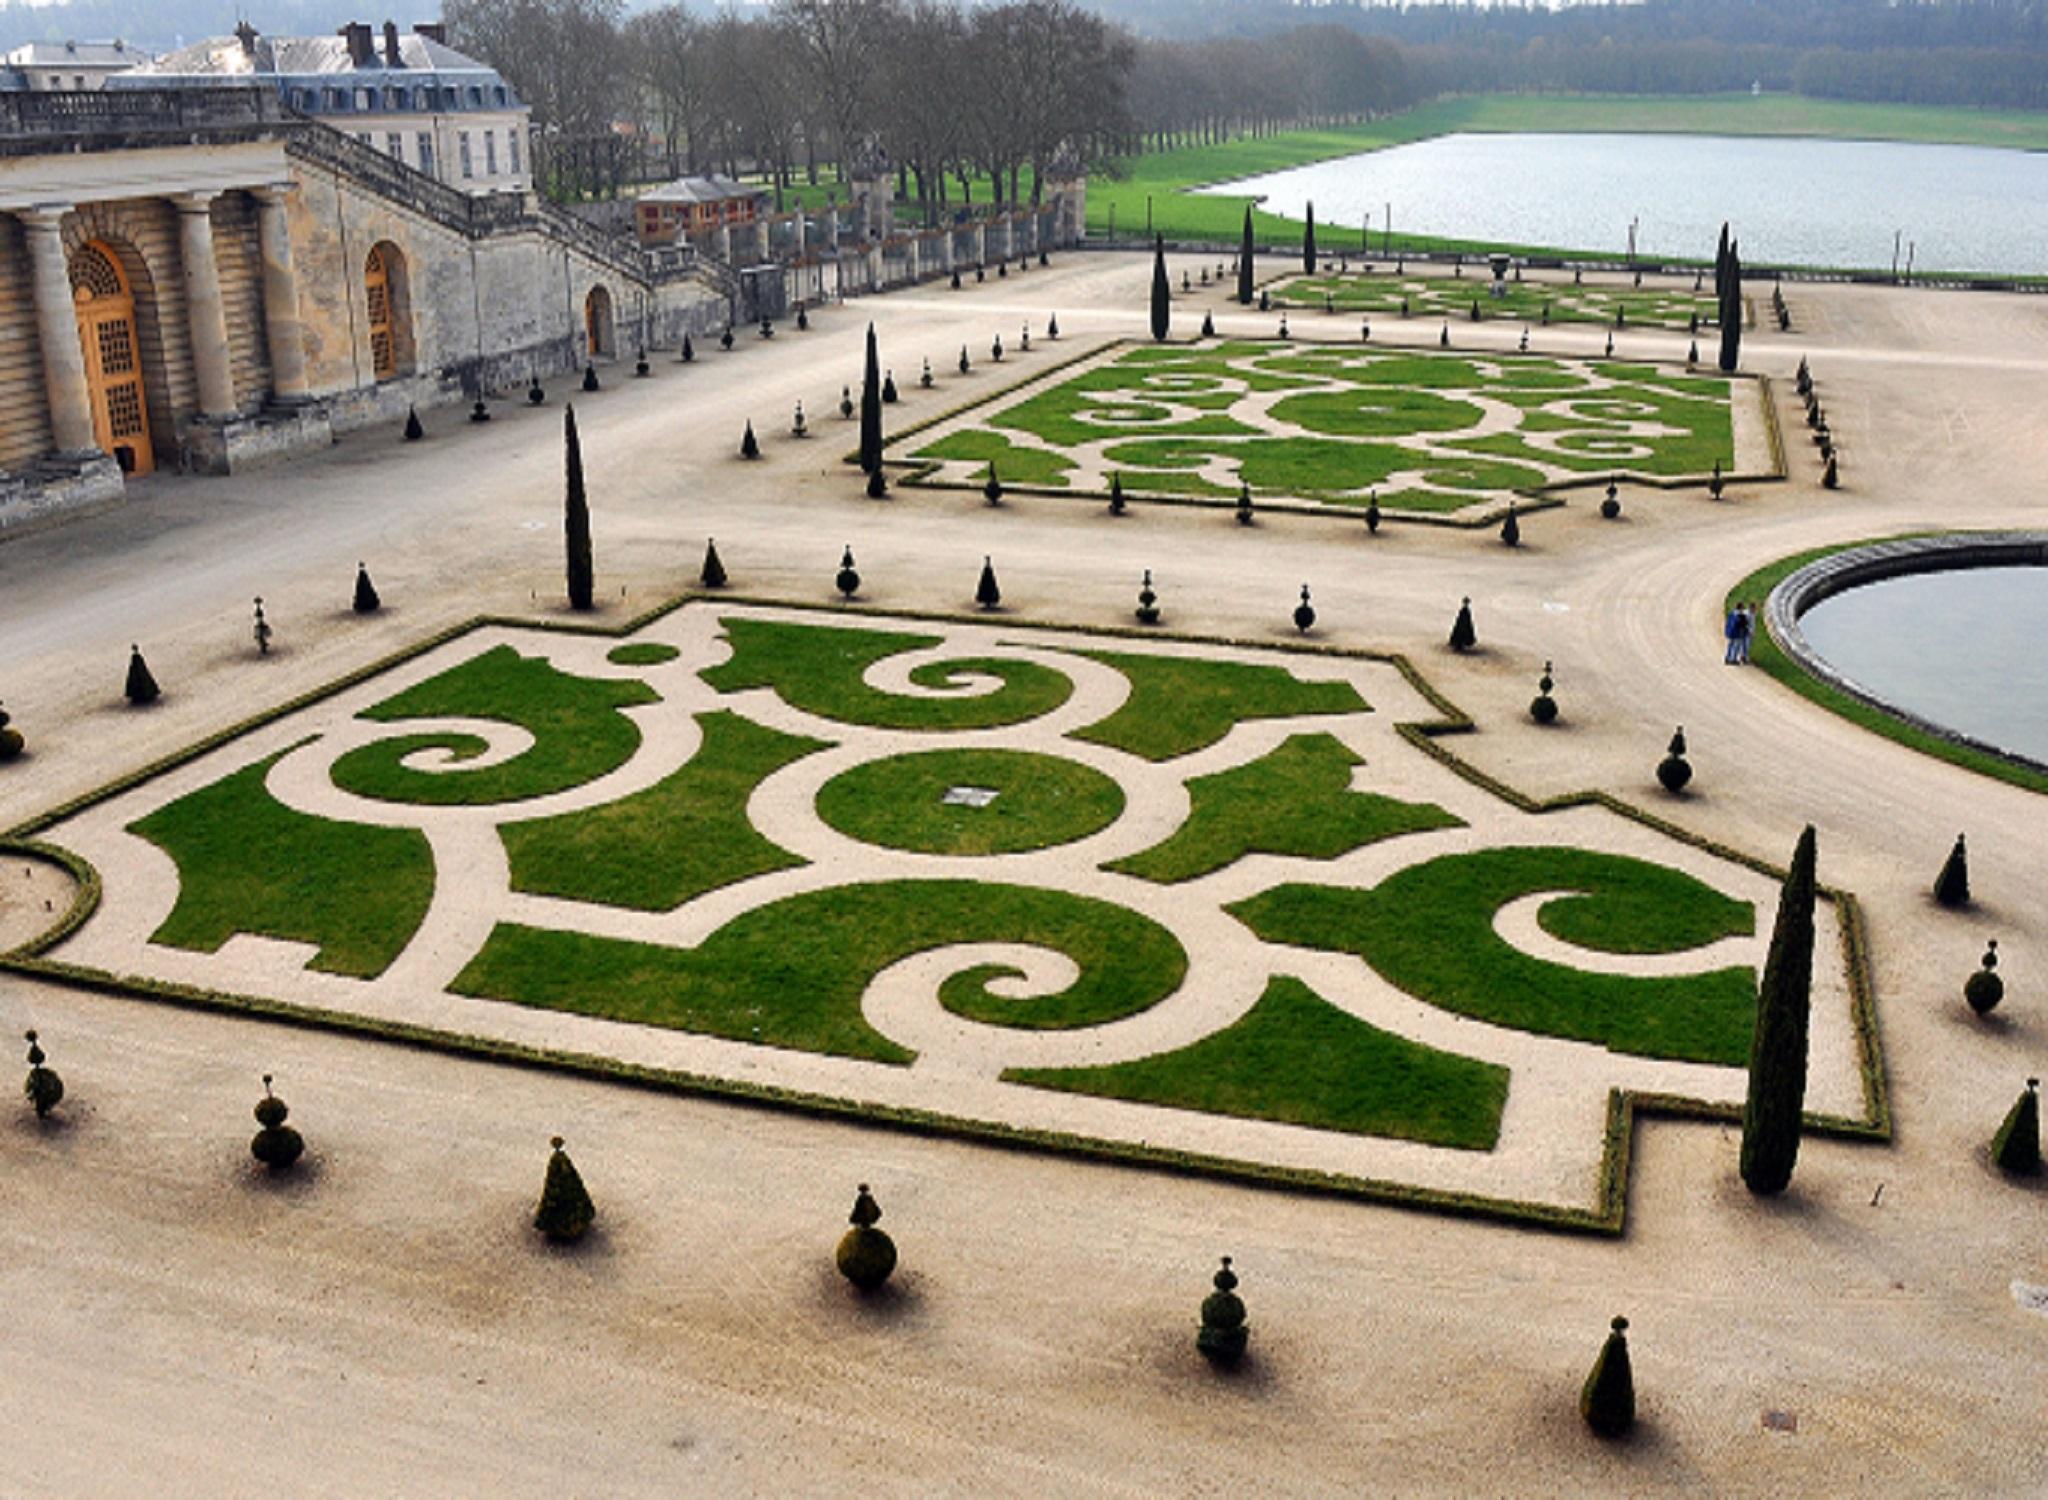 htel waldorf astoria trianon palace versailles france jardins du chteau de versailles - Jardin Chateau De Versailles